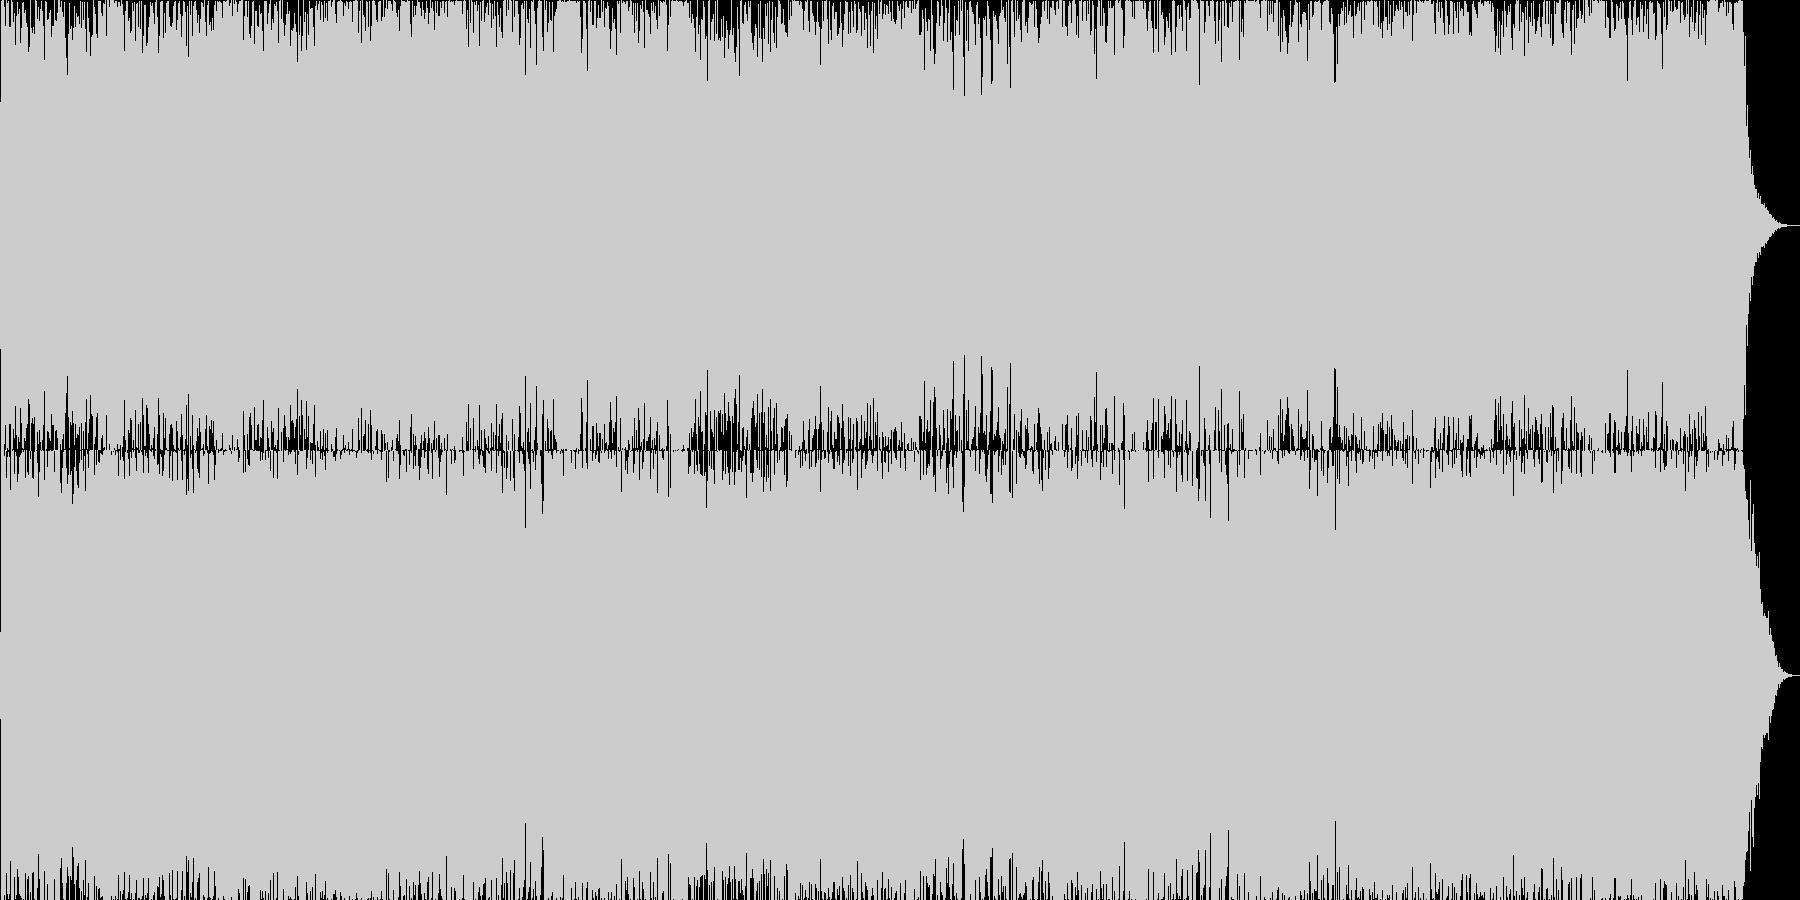 ダークファンタジーオーケストラ戦闘曲22の未再生の波形